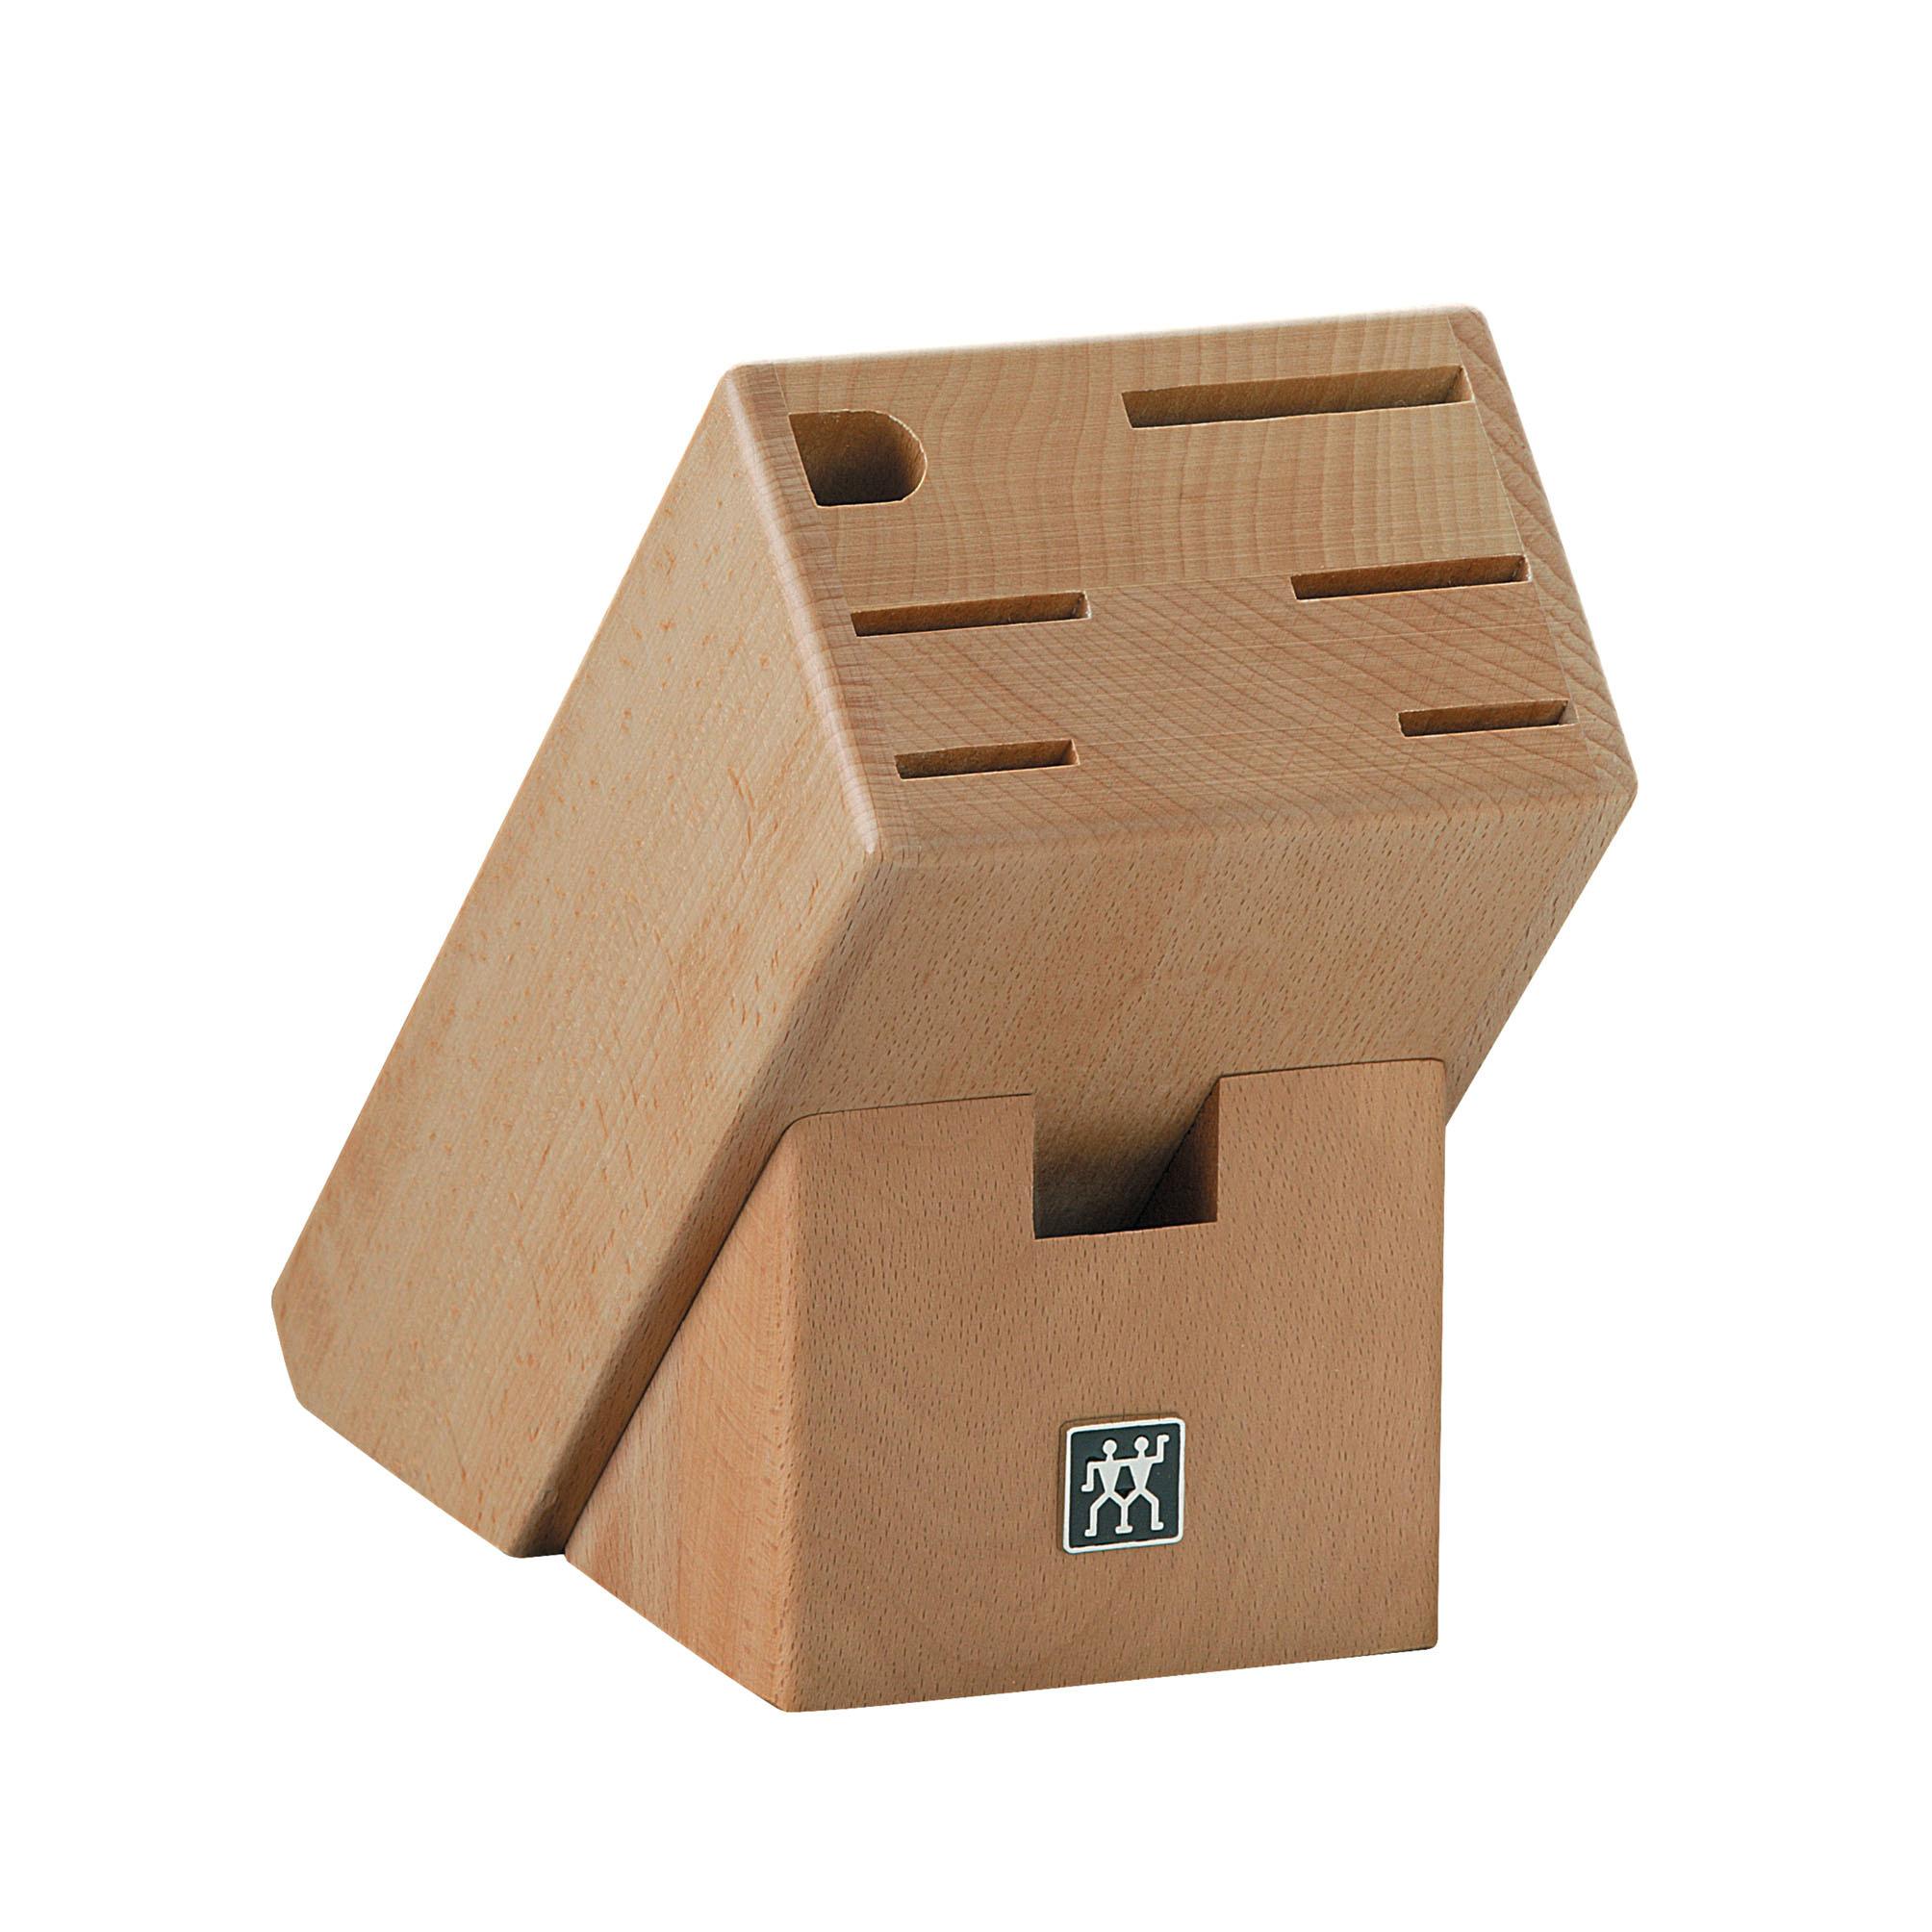 Подставка для ножeй деревянная Zwilling 35149-400Деревянные подставки<br>Подставка для ножeй деревянная Zwilling 35149-400<br><br>Изготовлена: из бука. Имеет 7 отделений.<br>Применение: для хранения ножей.<br>Уход: Протирать по мере загрязнения влажной тряпочкой. Иногда наносить тонким слоем растительное масло для предотвращения впитывания деревом воды. Не оставлять в воде, не мыть в посудомоечной машине, не ставить около источников интенсивного тепла.<br>Использовать только по назначению! Не рекомендуем также хранить во влажных условиях. Хранить в недоступном для детей месте.<br>